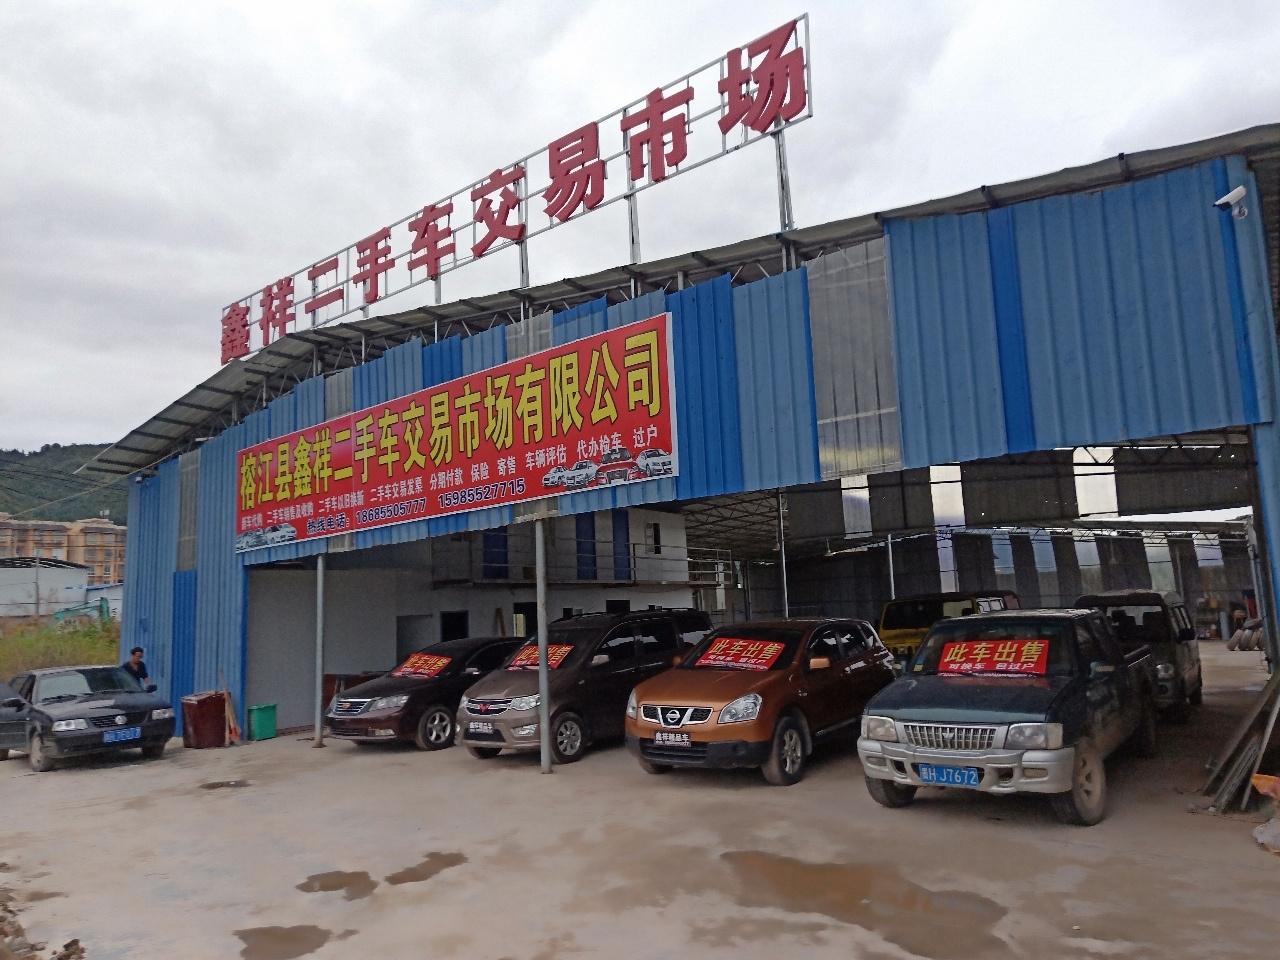 榕江鑫祥二手车交易市场